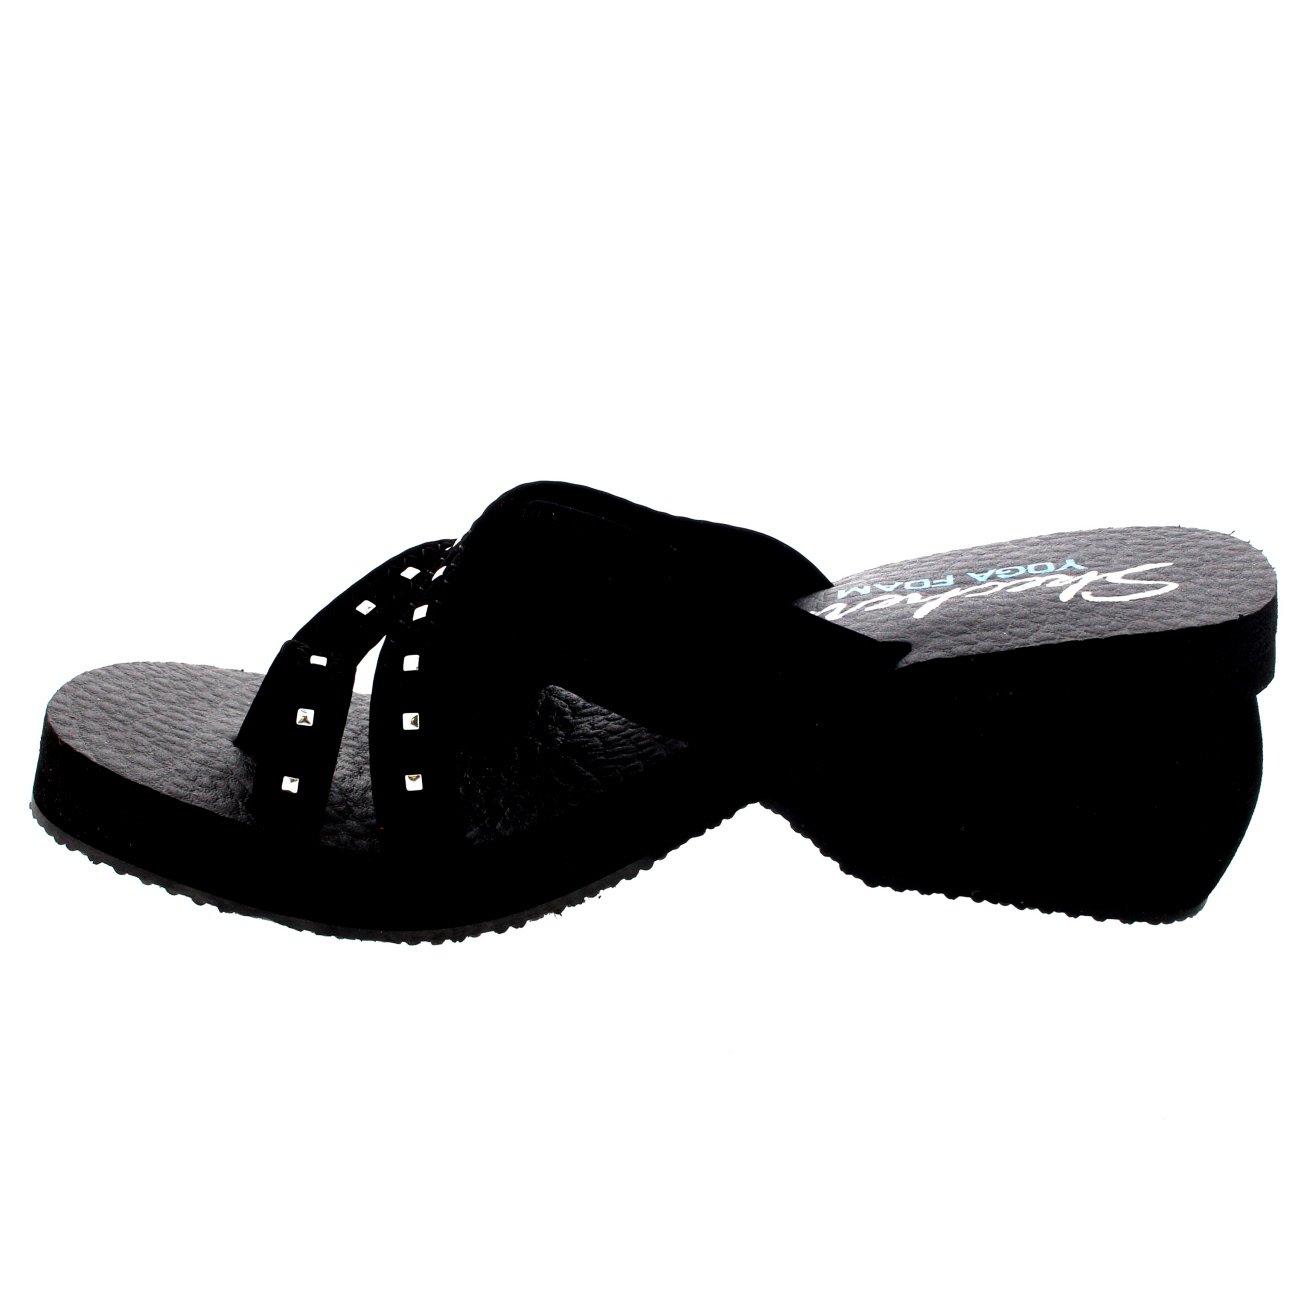 Skechers - Parte Trasera Abierta Mujer, Color Negro, Talla ...